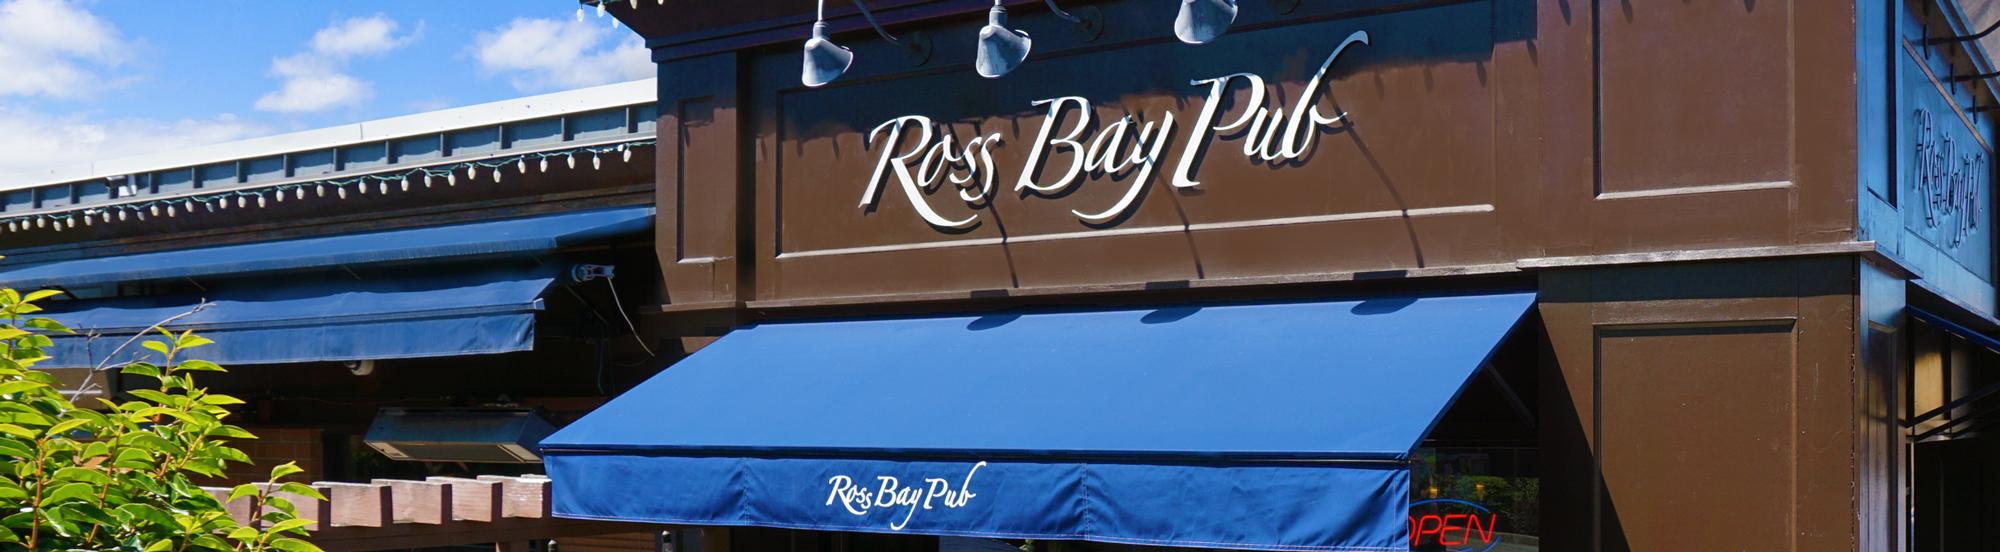 Ross Bay Pub Victoria BC